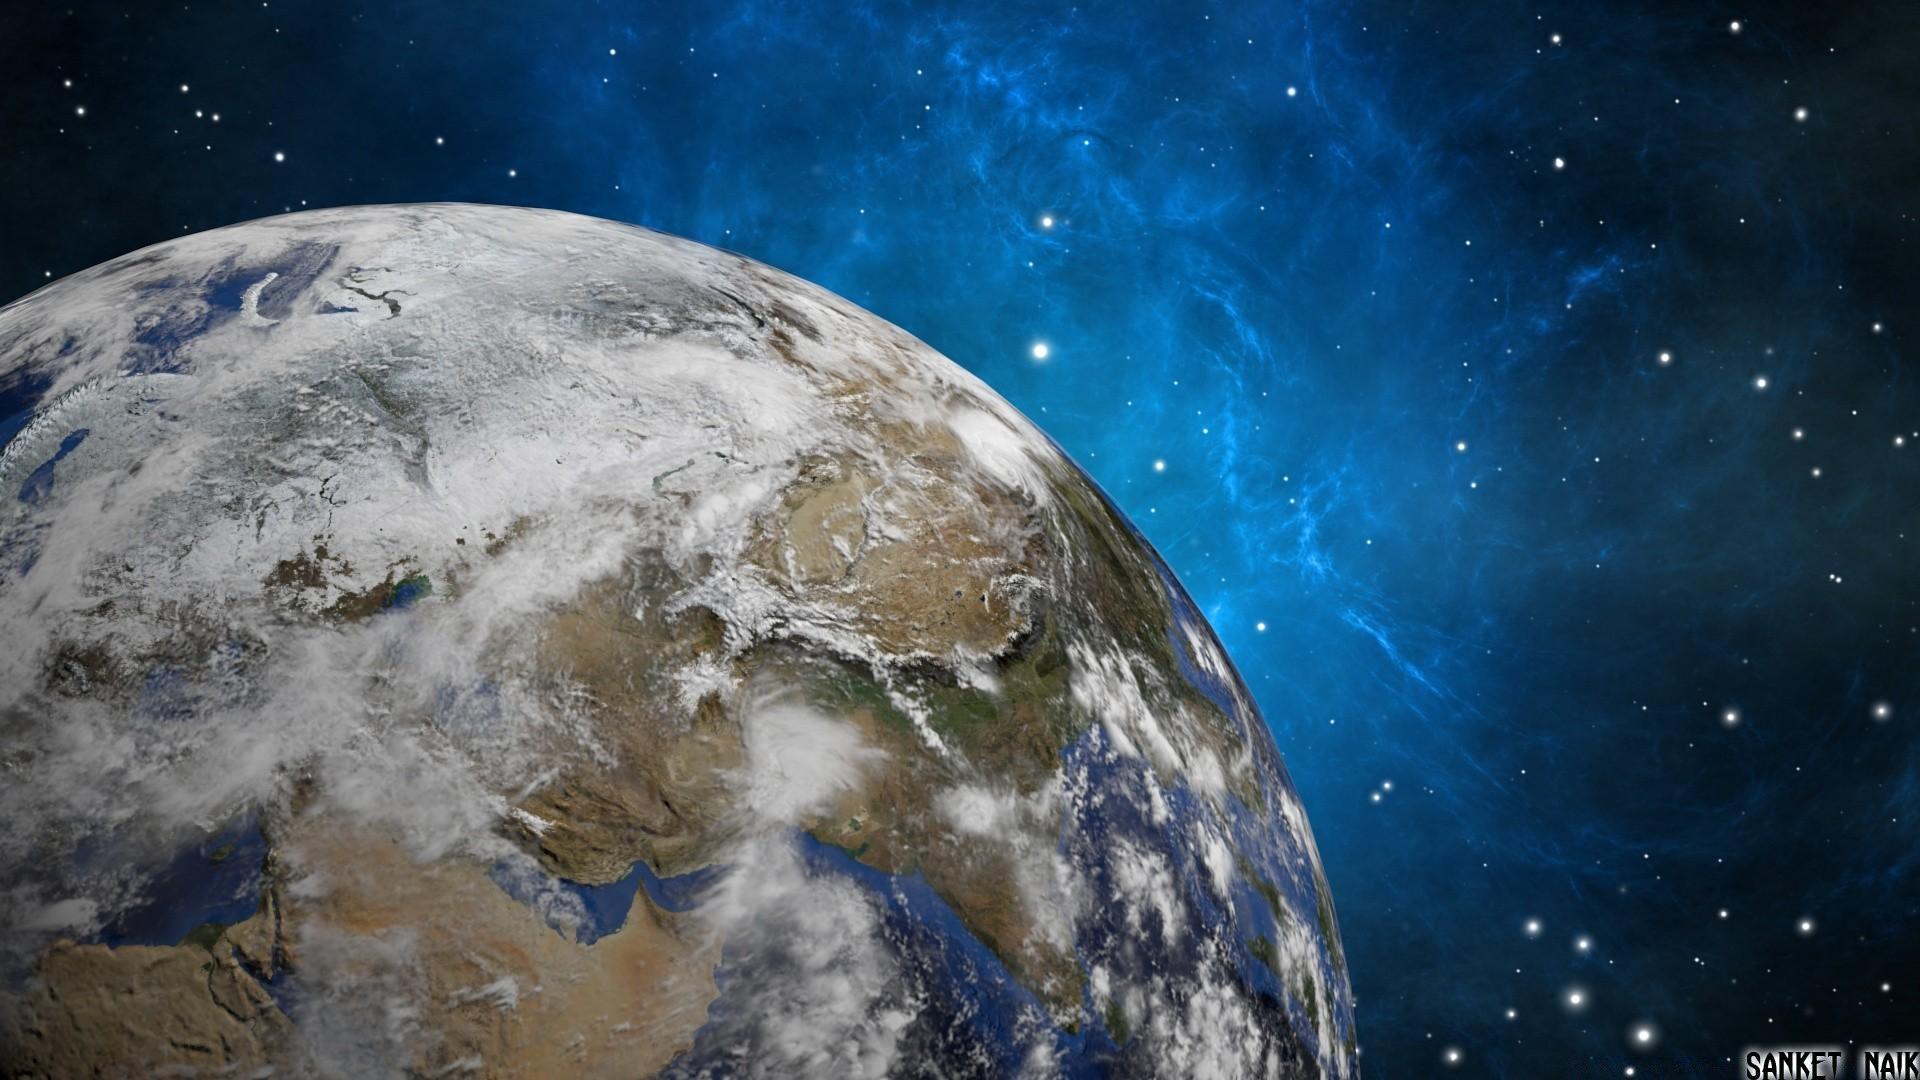 фото земного шара из космоса высокого разрешения вариант, его